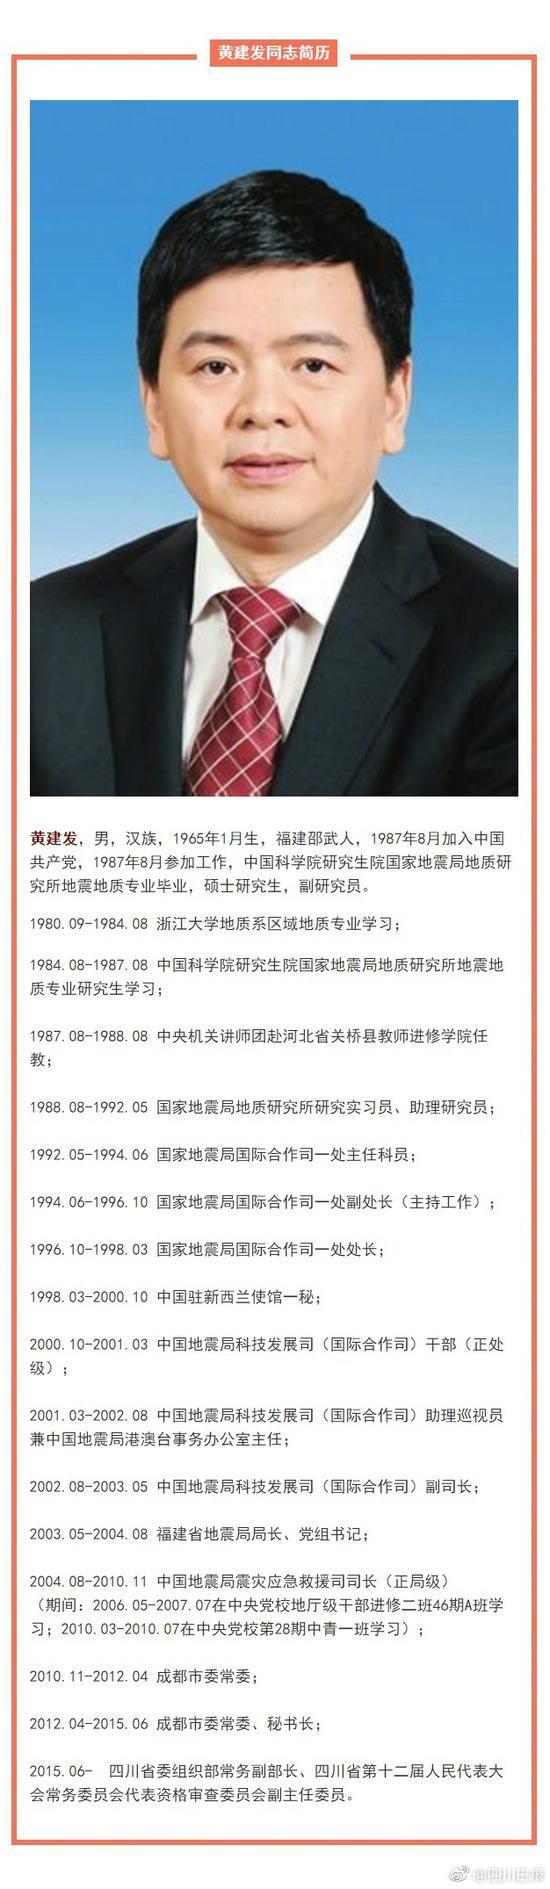 北京赛车彩票是哪一年发行的